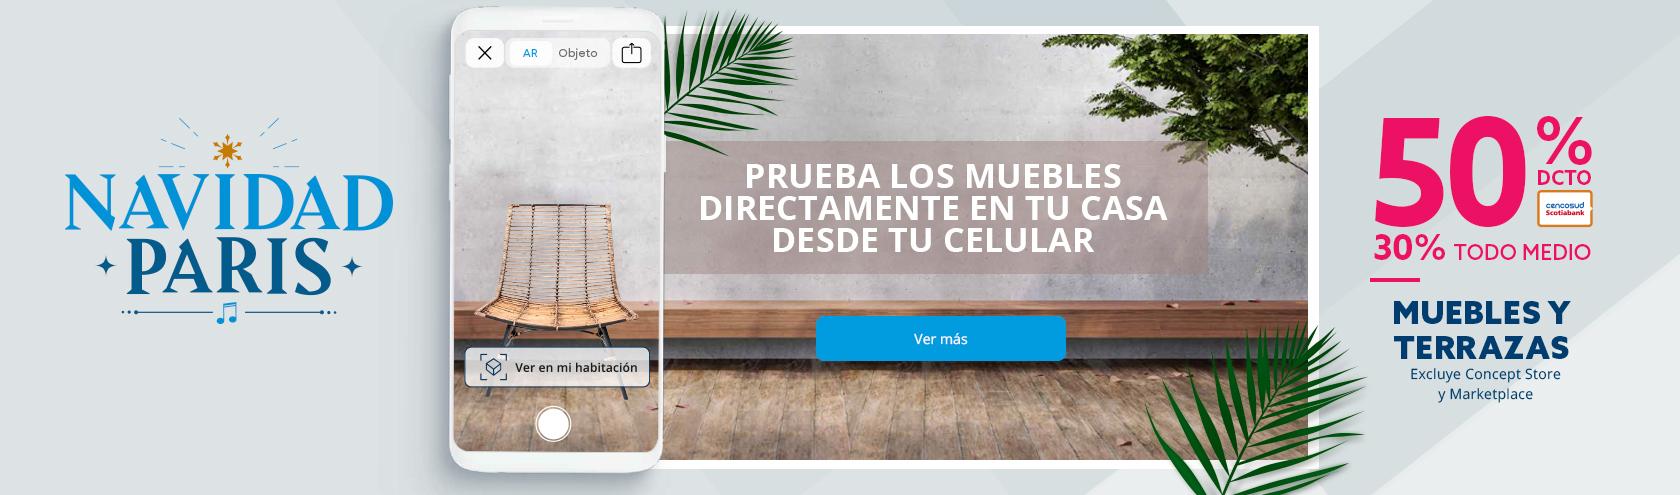 50% de descuento con tarjeta Cencosud y 30% de descuento con todo medio de pago en Muebles y Terrazas. Excluye concept store y Marketplace